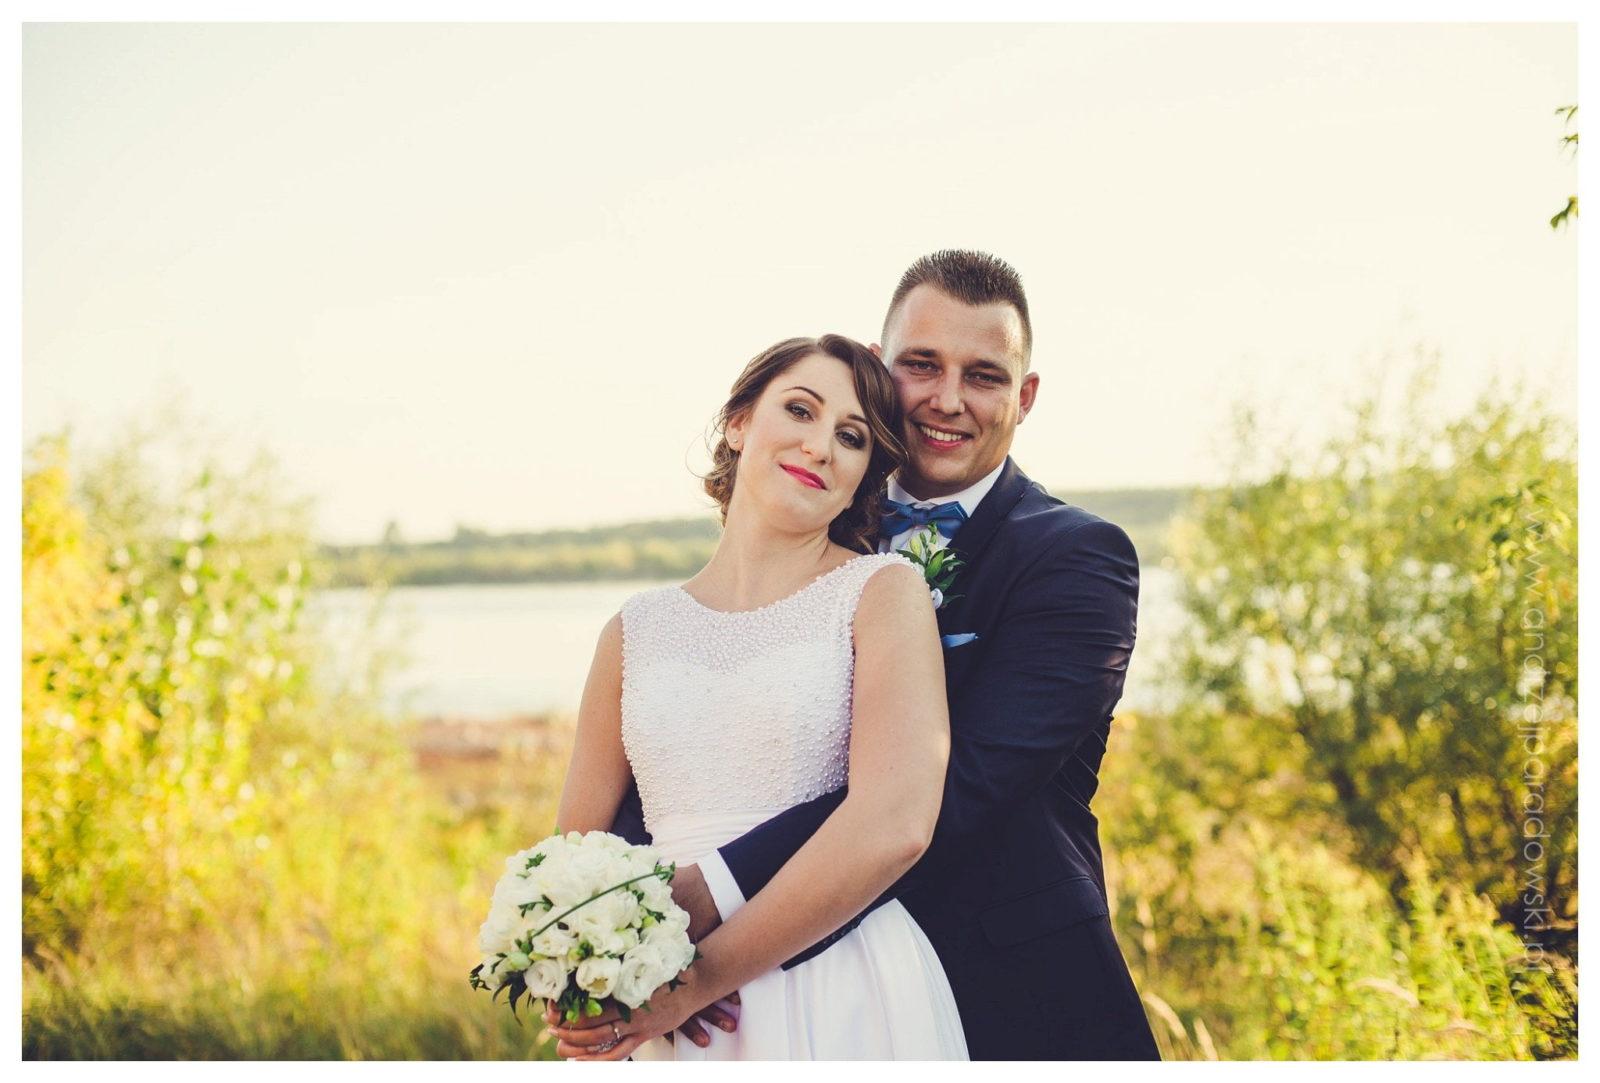 fotograf slubny wloclawek 36 - Ślub w Bobrownikach